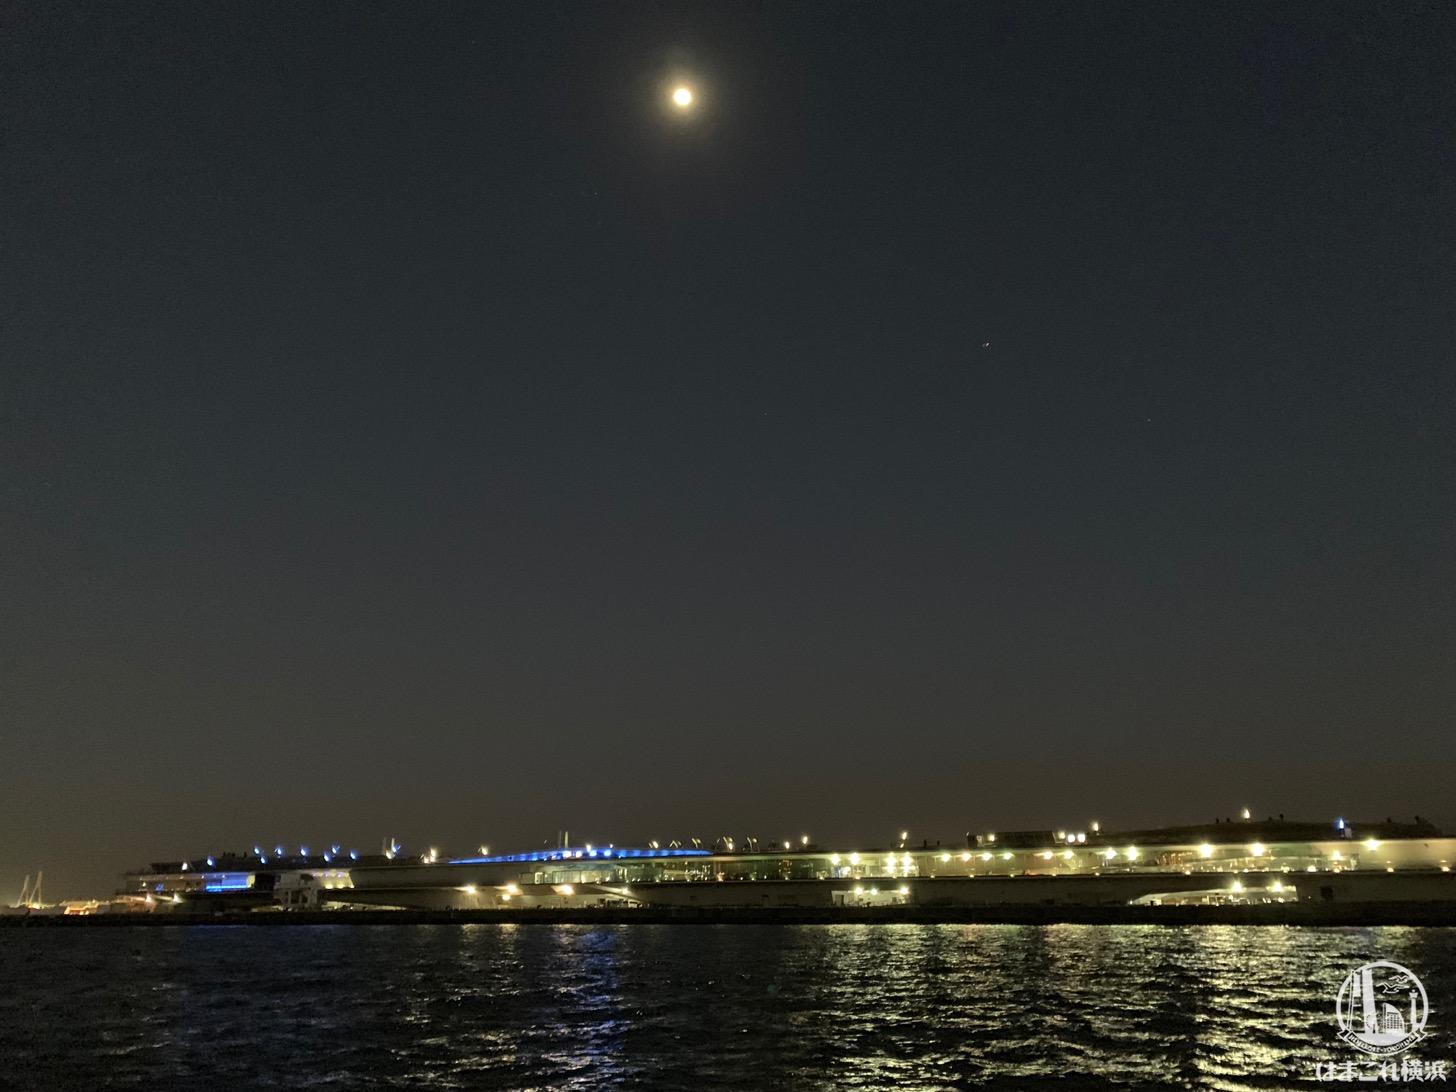 シーバスから見た横浜港大さん橋